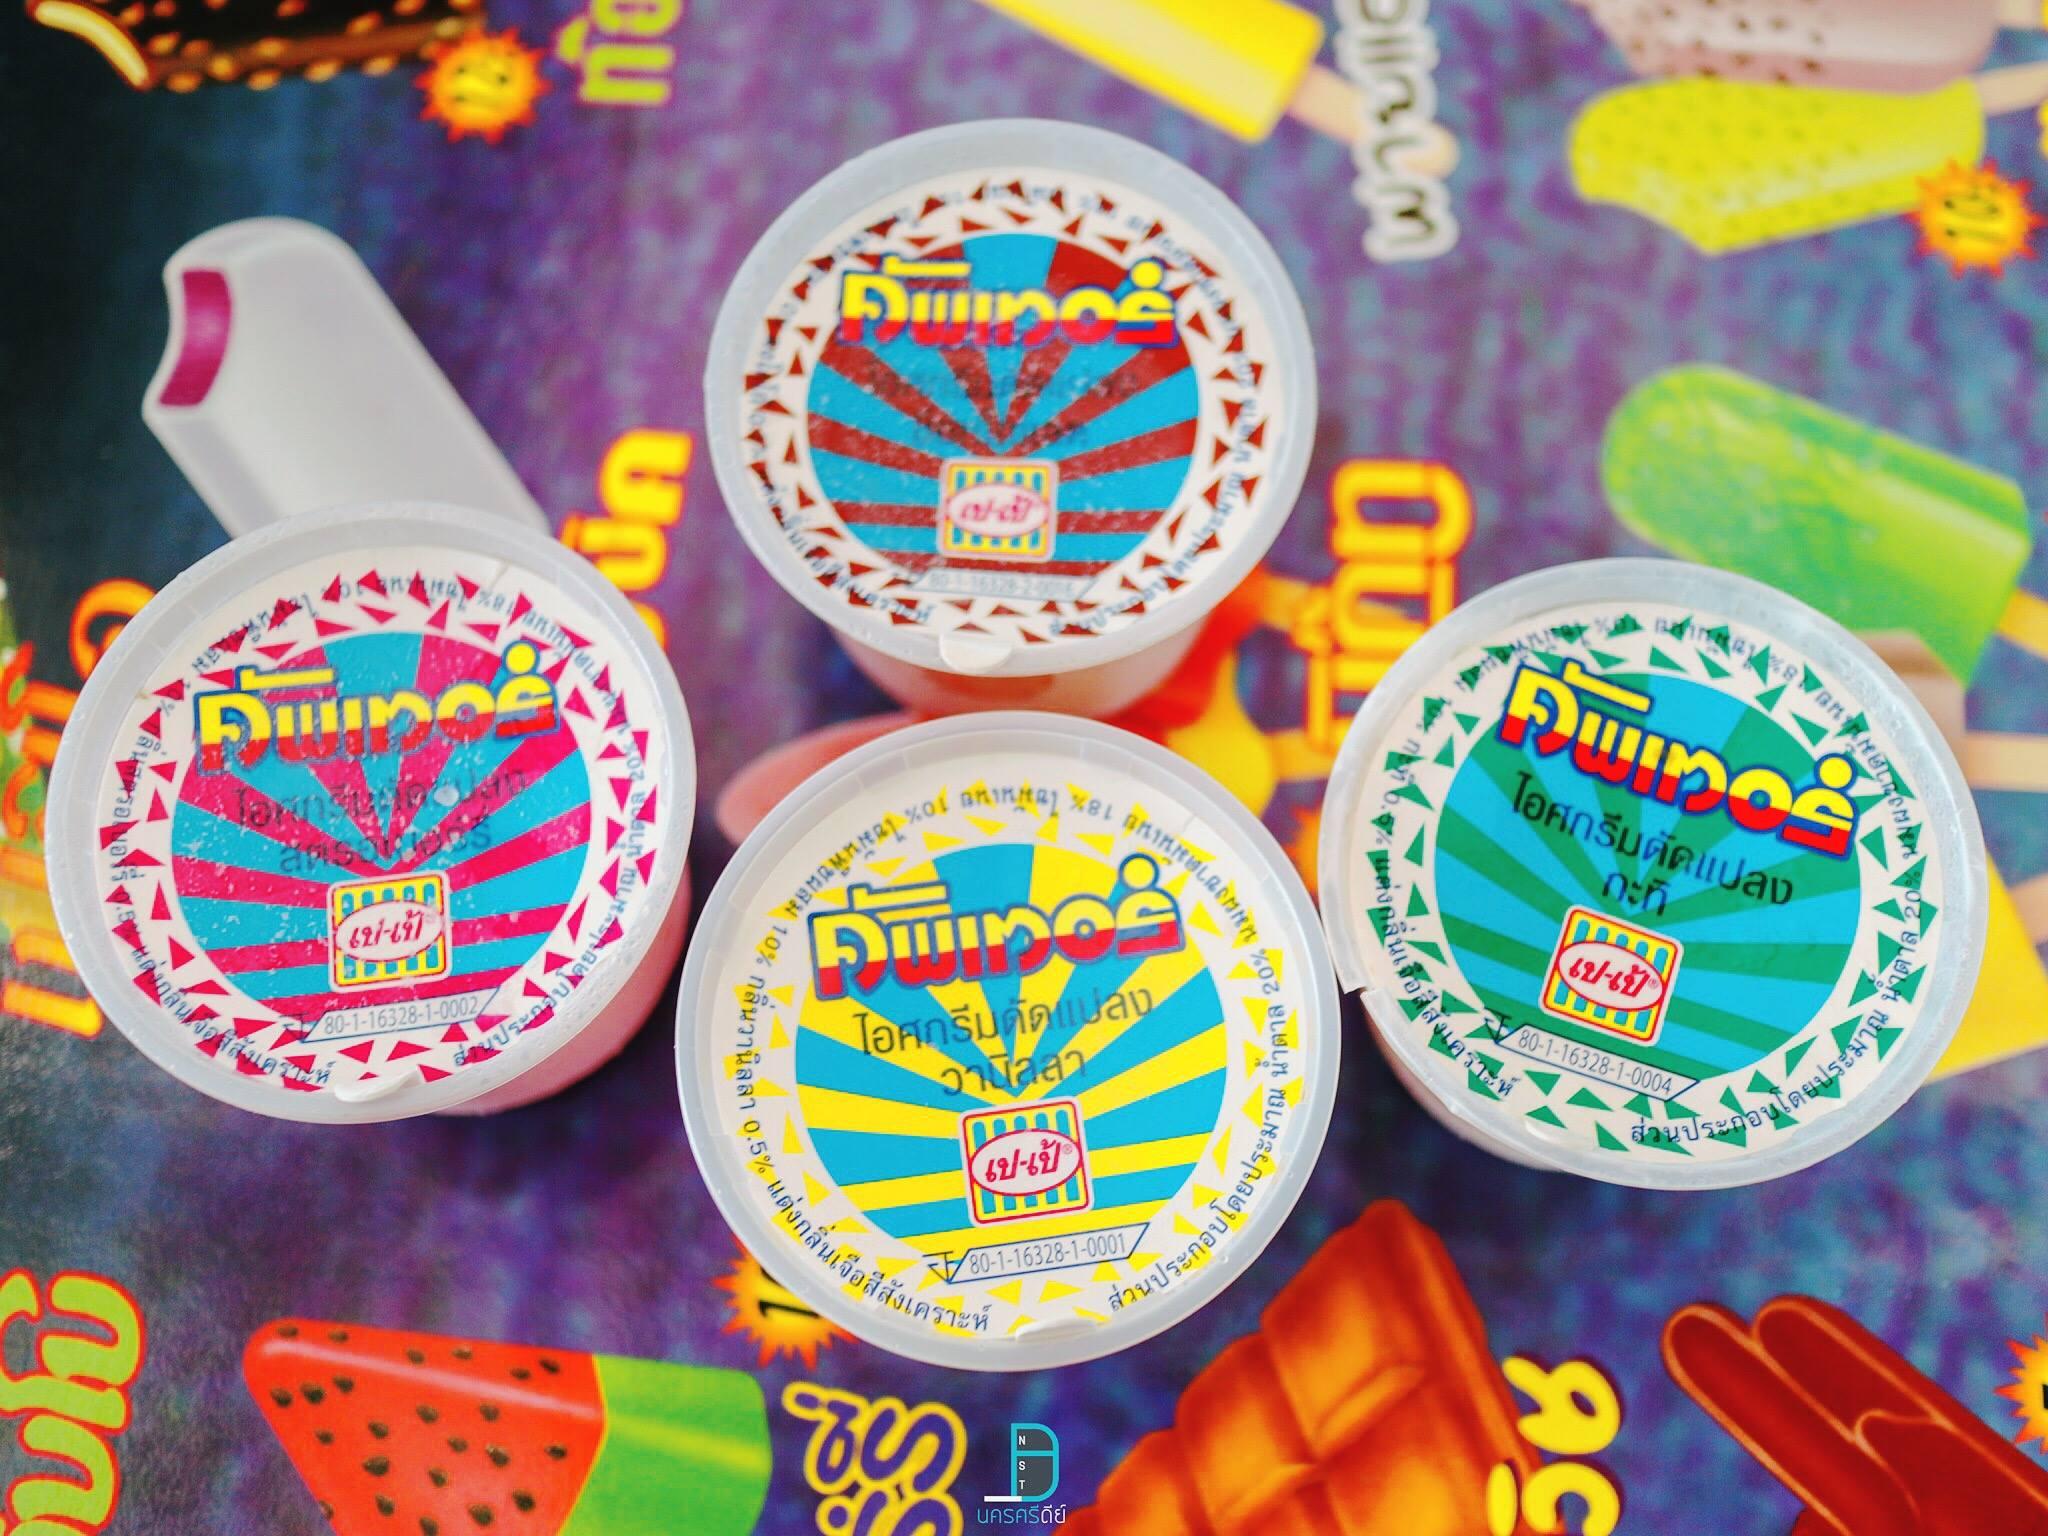 เป-เป้ ไอศกรีมโบราณ รสชาติอร่อยๆฟินๆ กลิ่นไอสมัยเด็กกก นครศรีดีย์